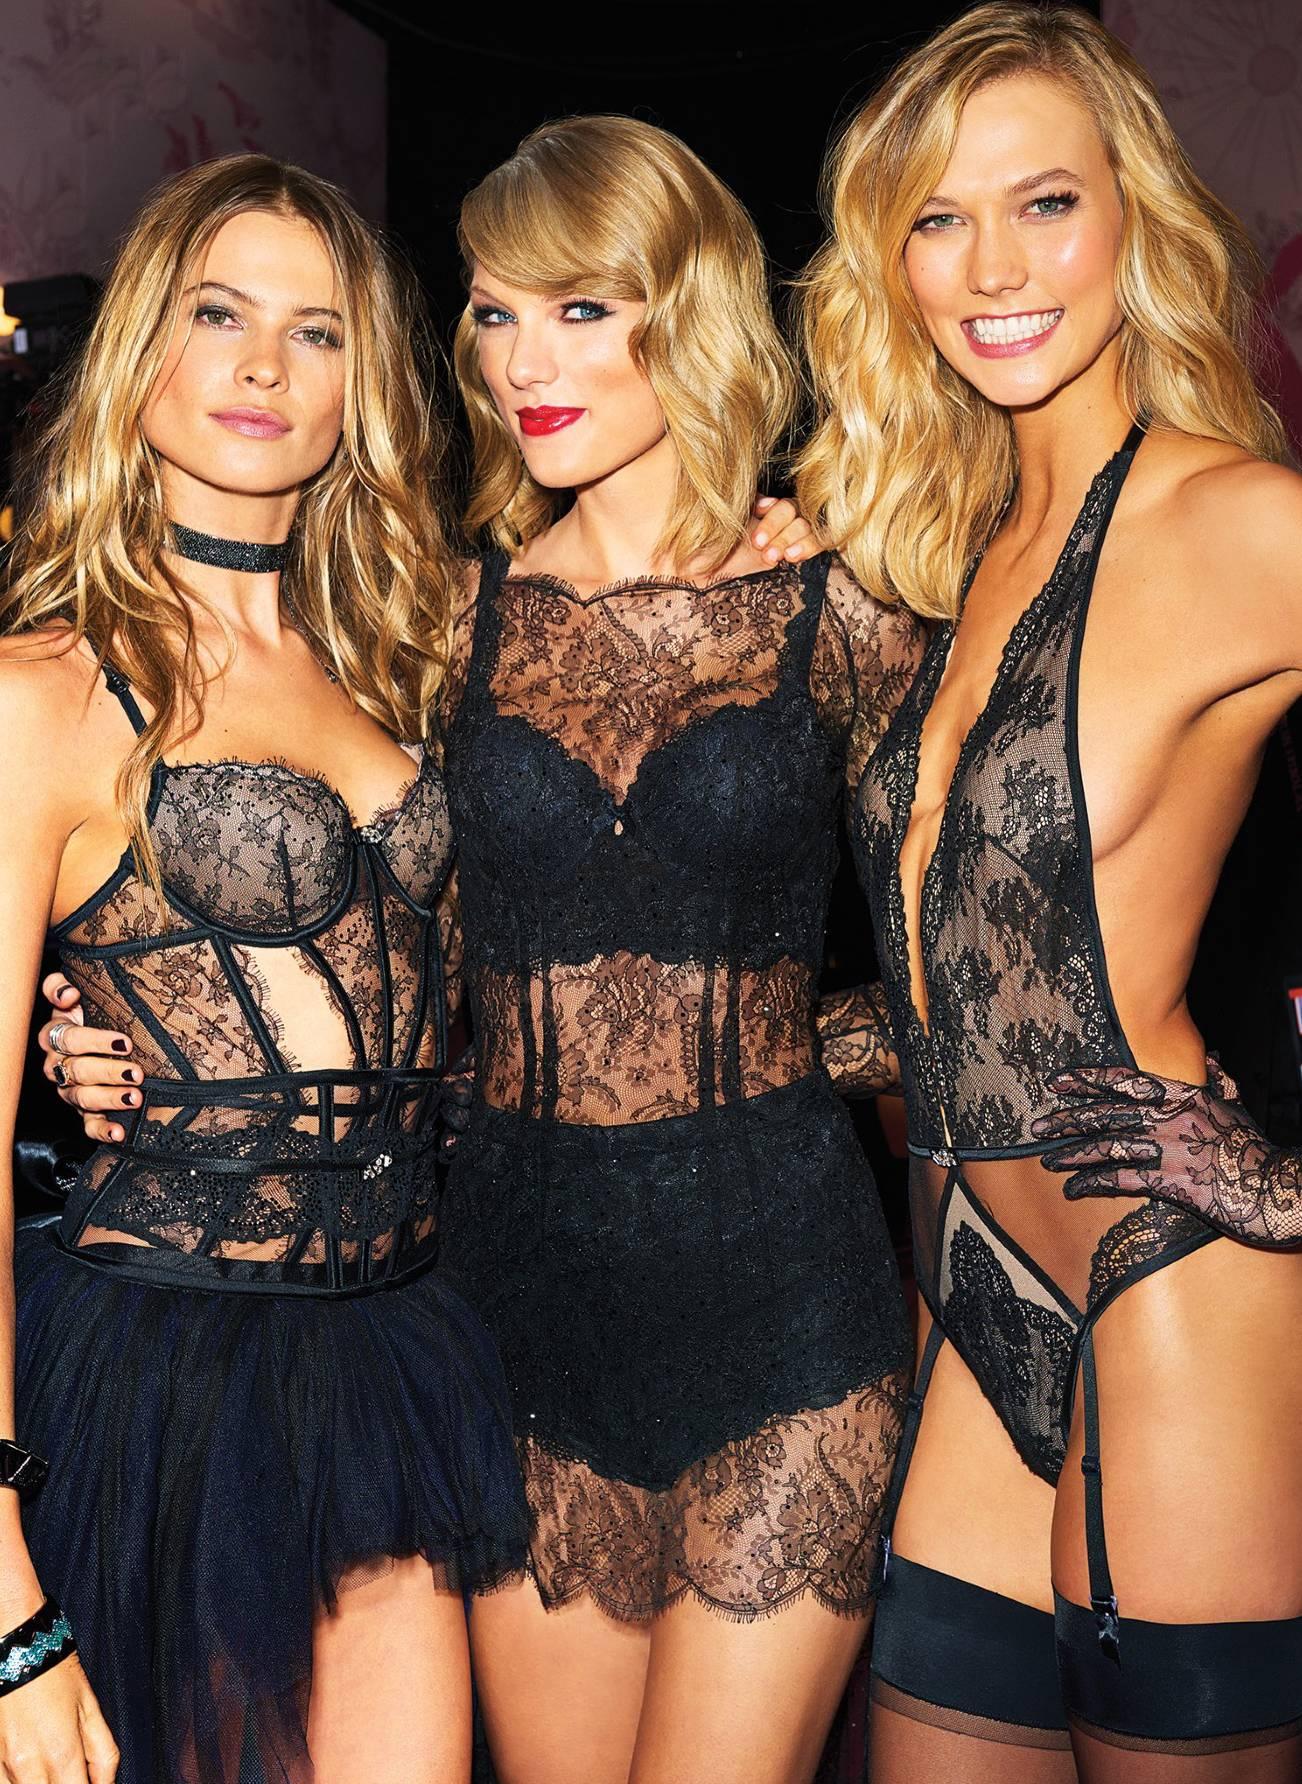 Taylor Swift big tits